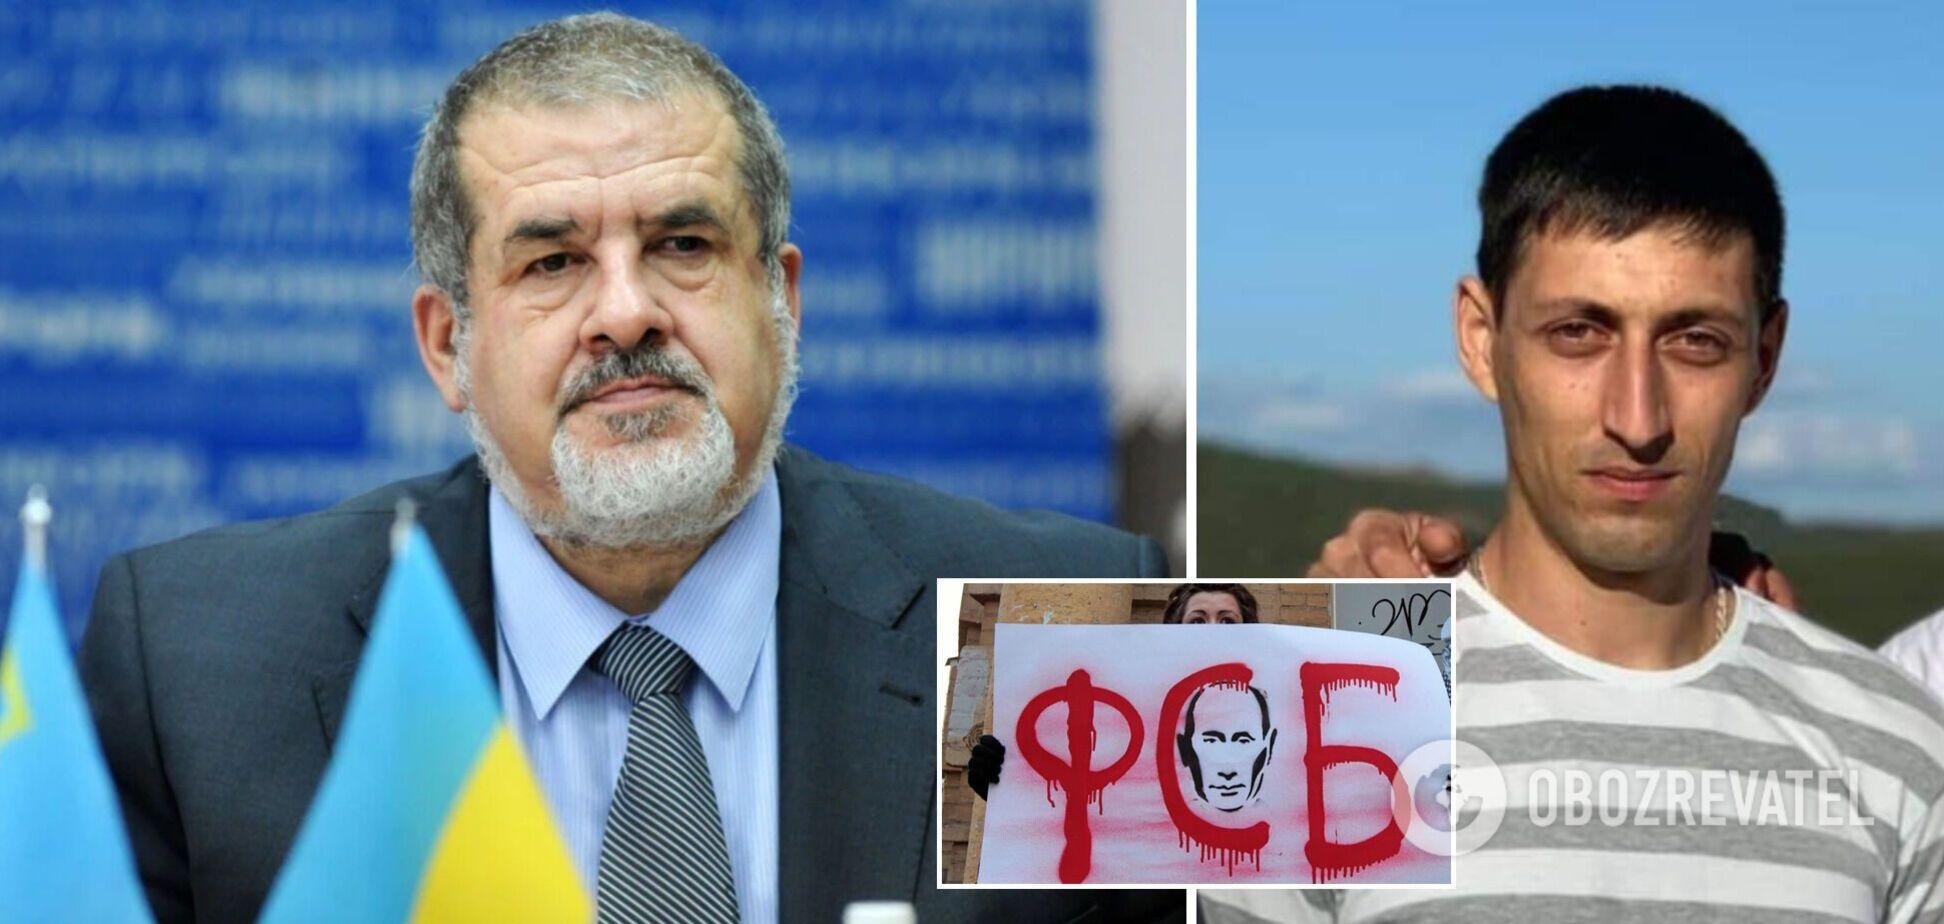 Чубаров рассказал о пытках ФСБ задержанного в Крыму Ахтемова: вывозили в лес и имитировали расстрел